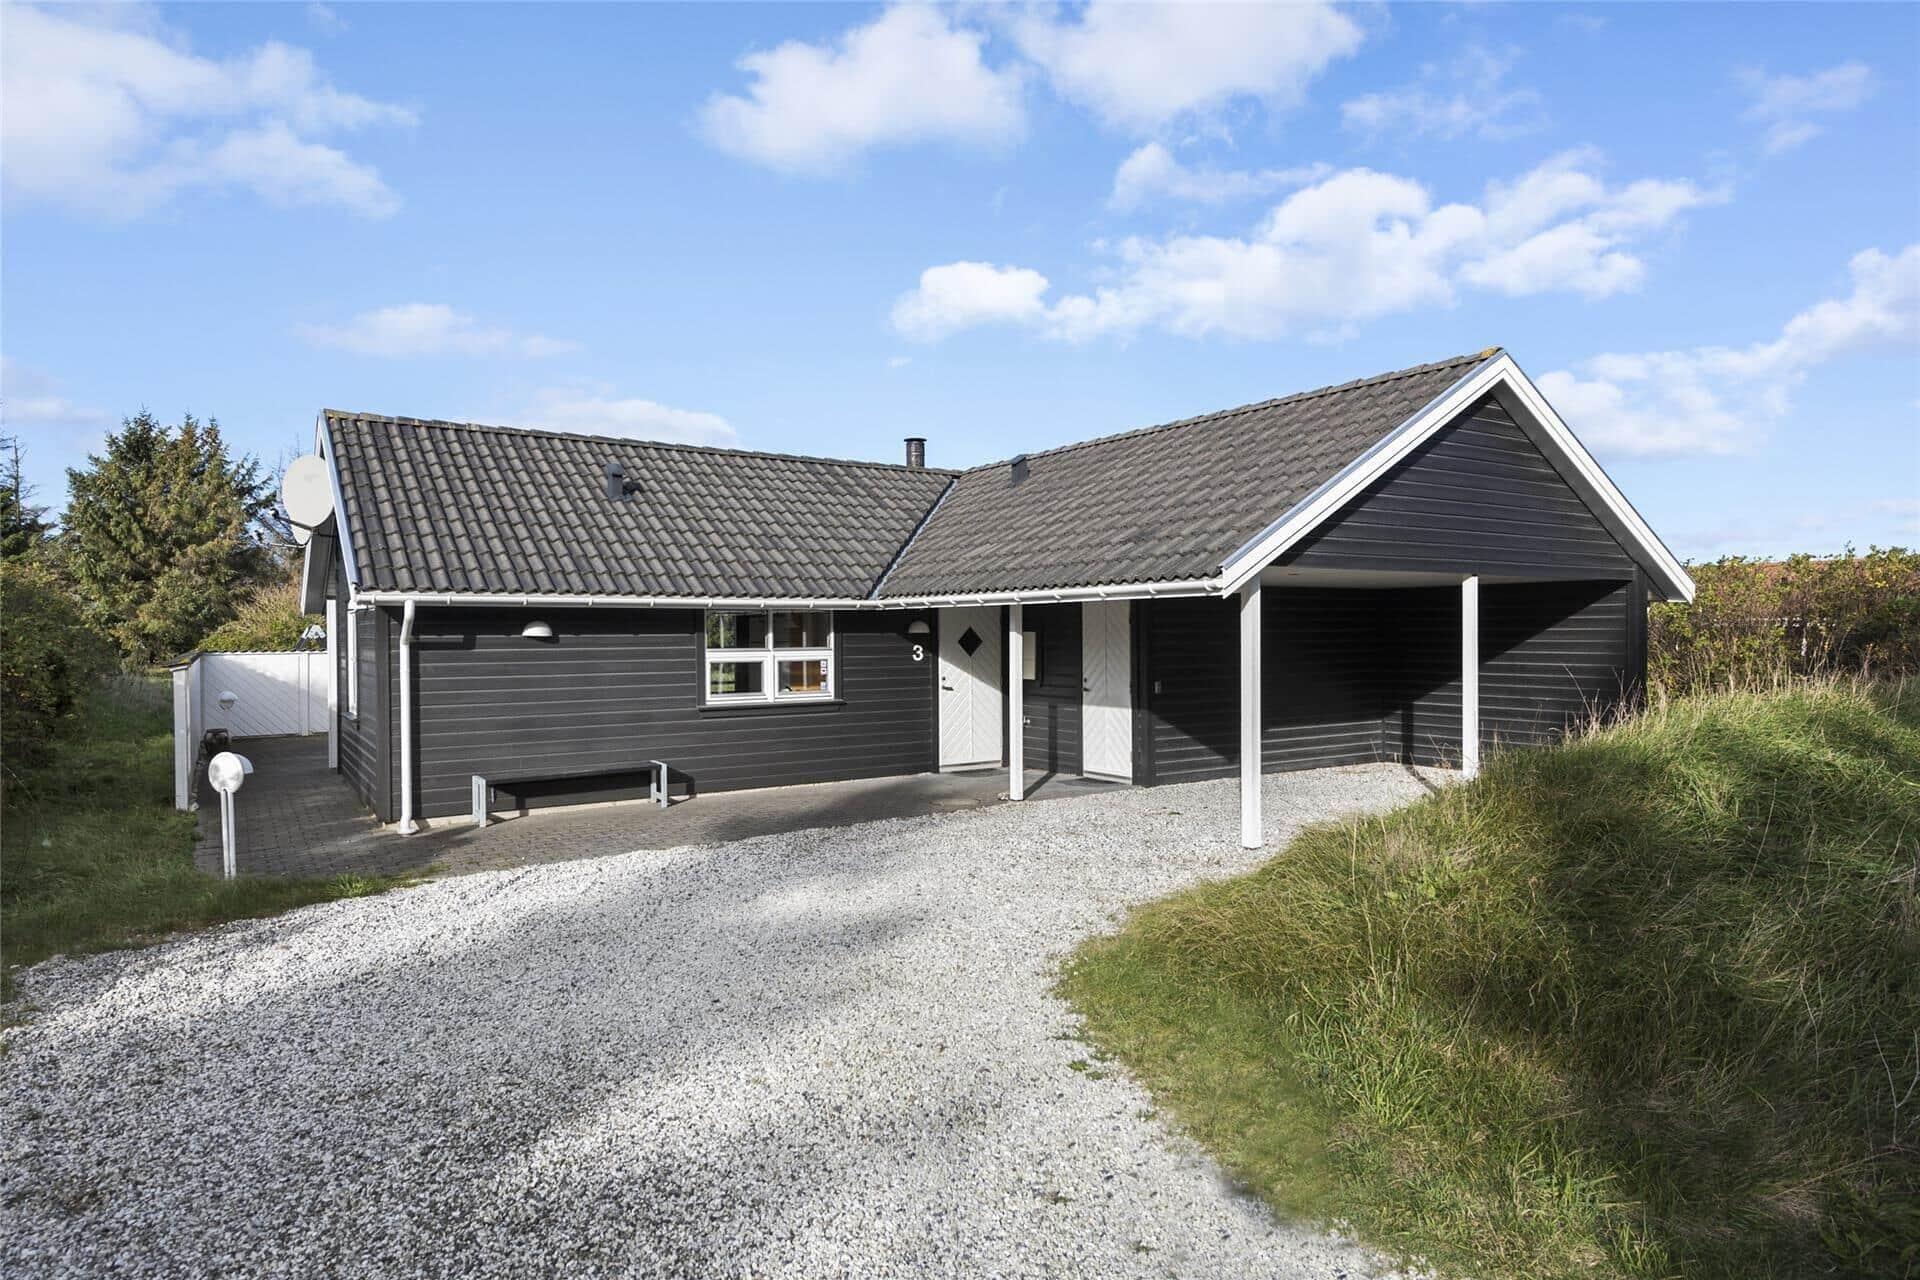 Afbeelding 1-13 Vakantiehuis 363, Tunvej 3, DK - 7700 Thisted